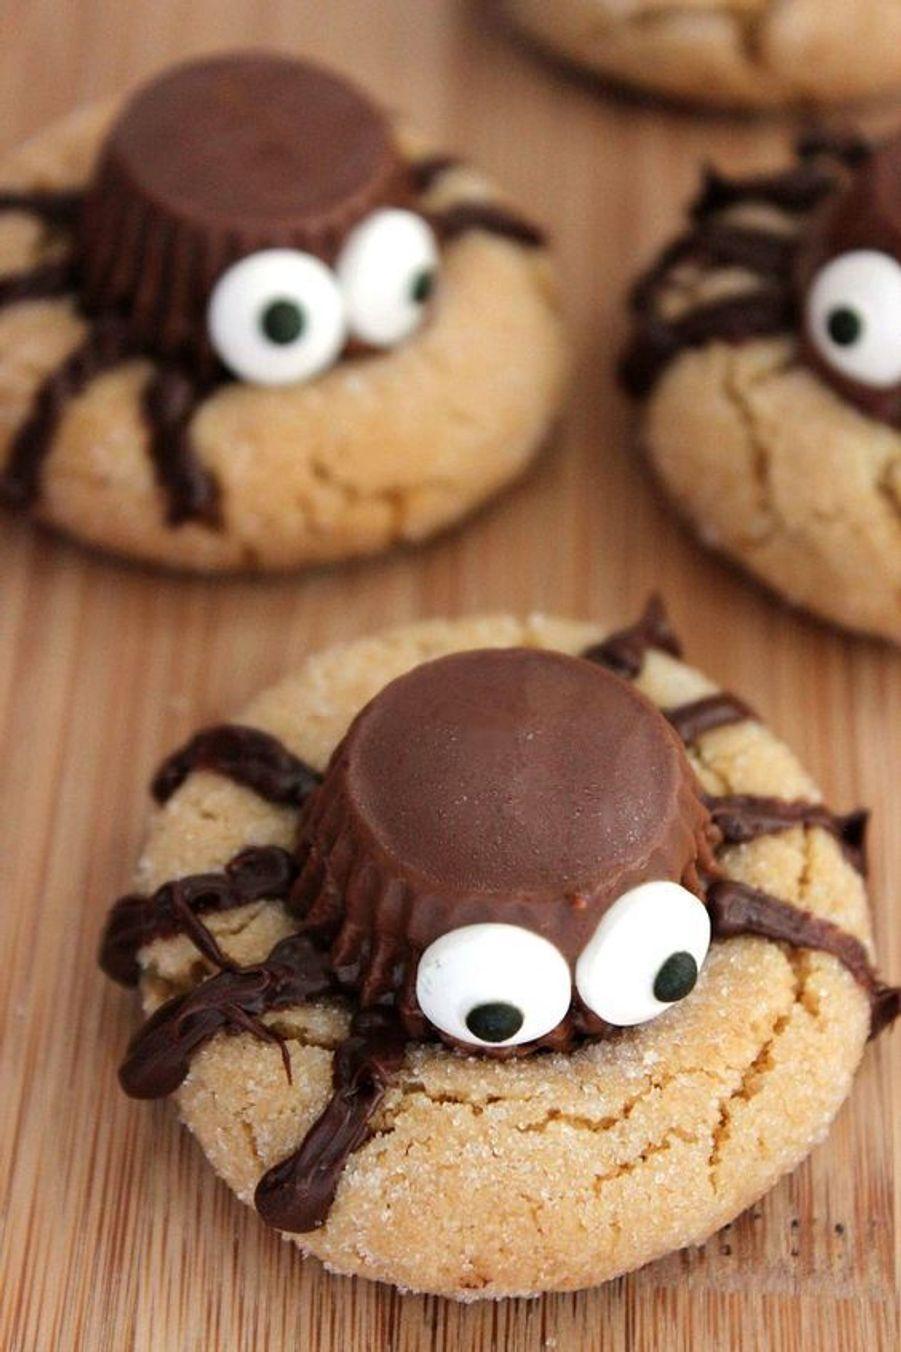 Cookies araignéeshttps://www.pinterest.fr/pin/411938697158420216/